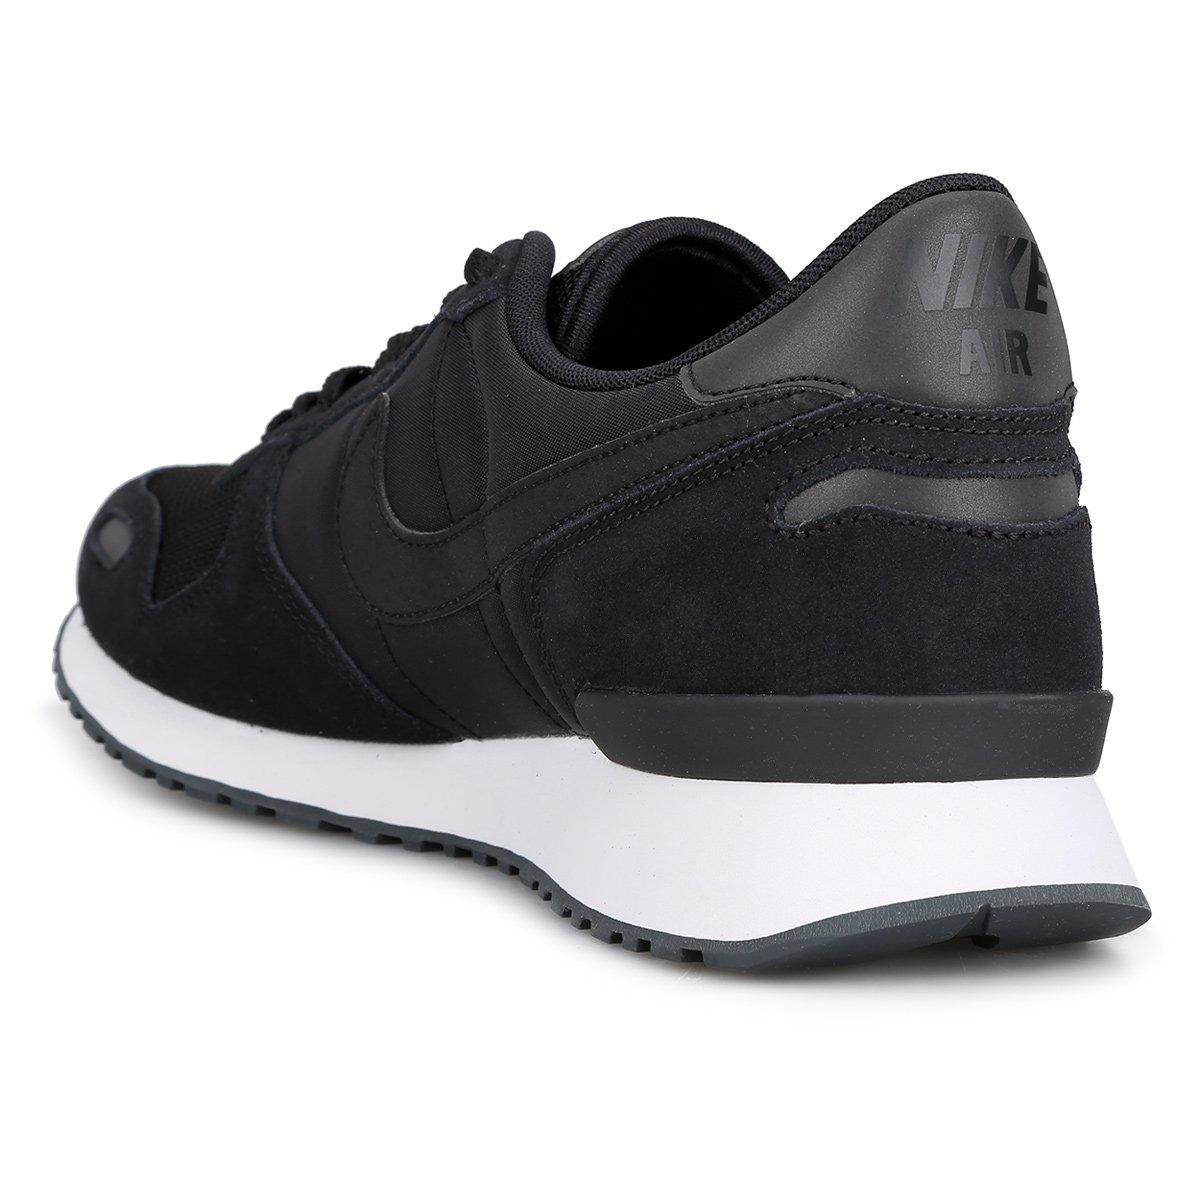 214a15c7c5 Zapatillas Nike Air Vortex - Negro - -   4.455